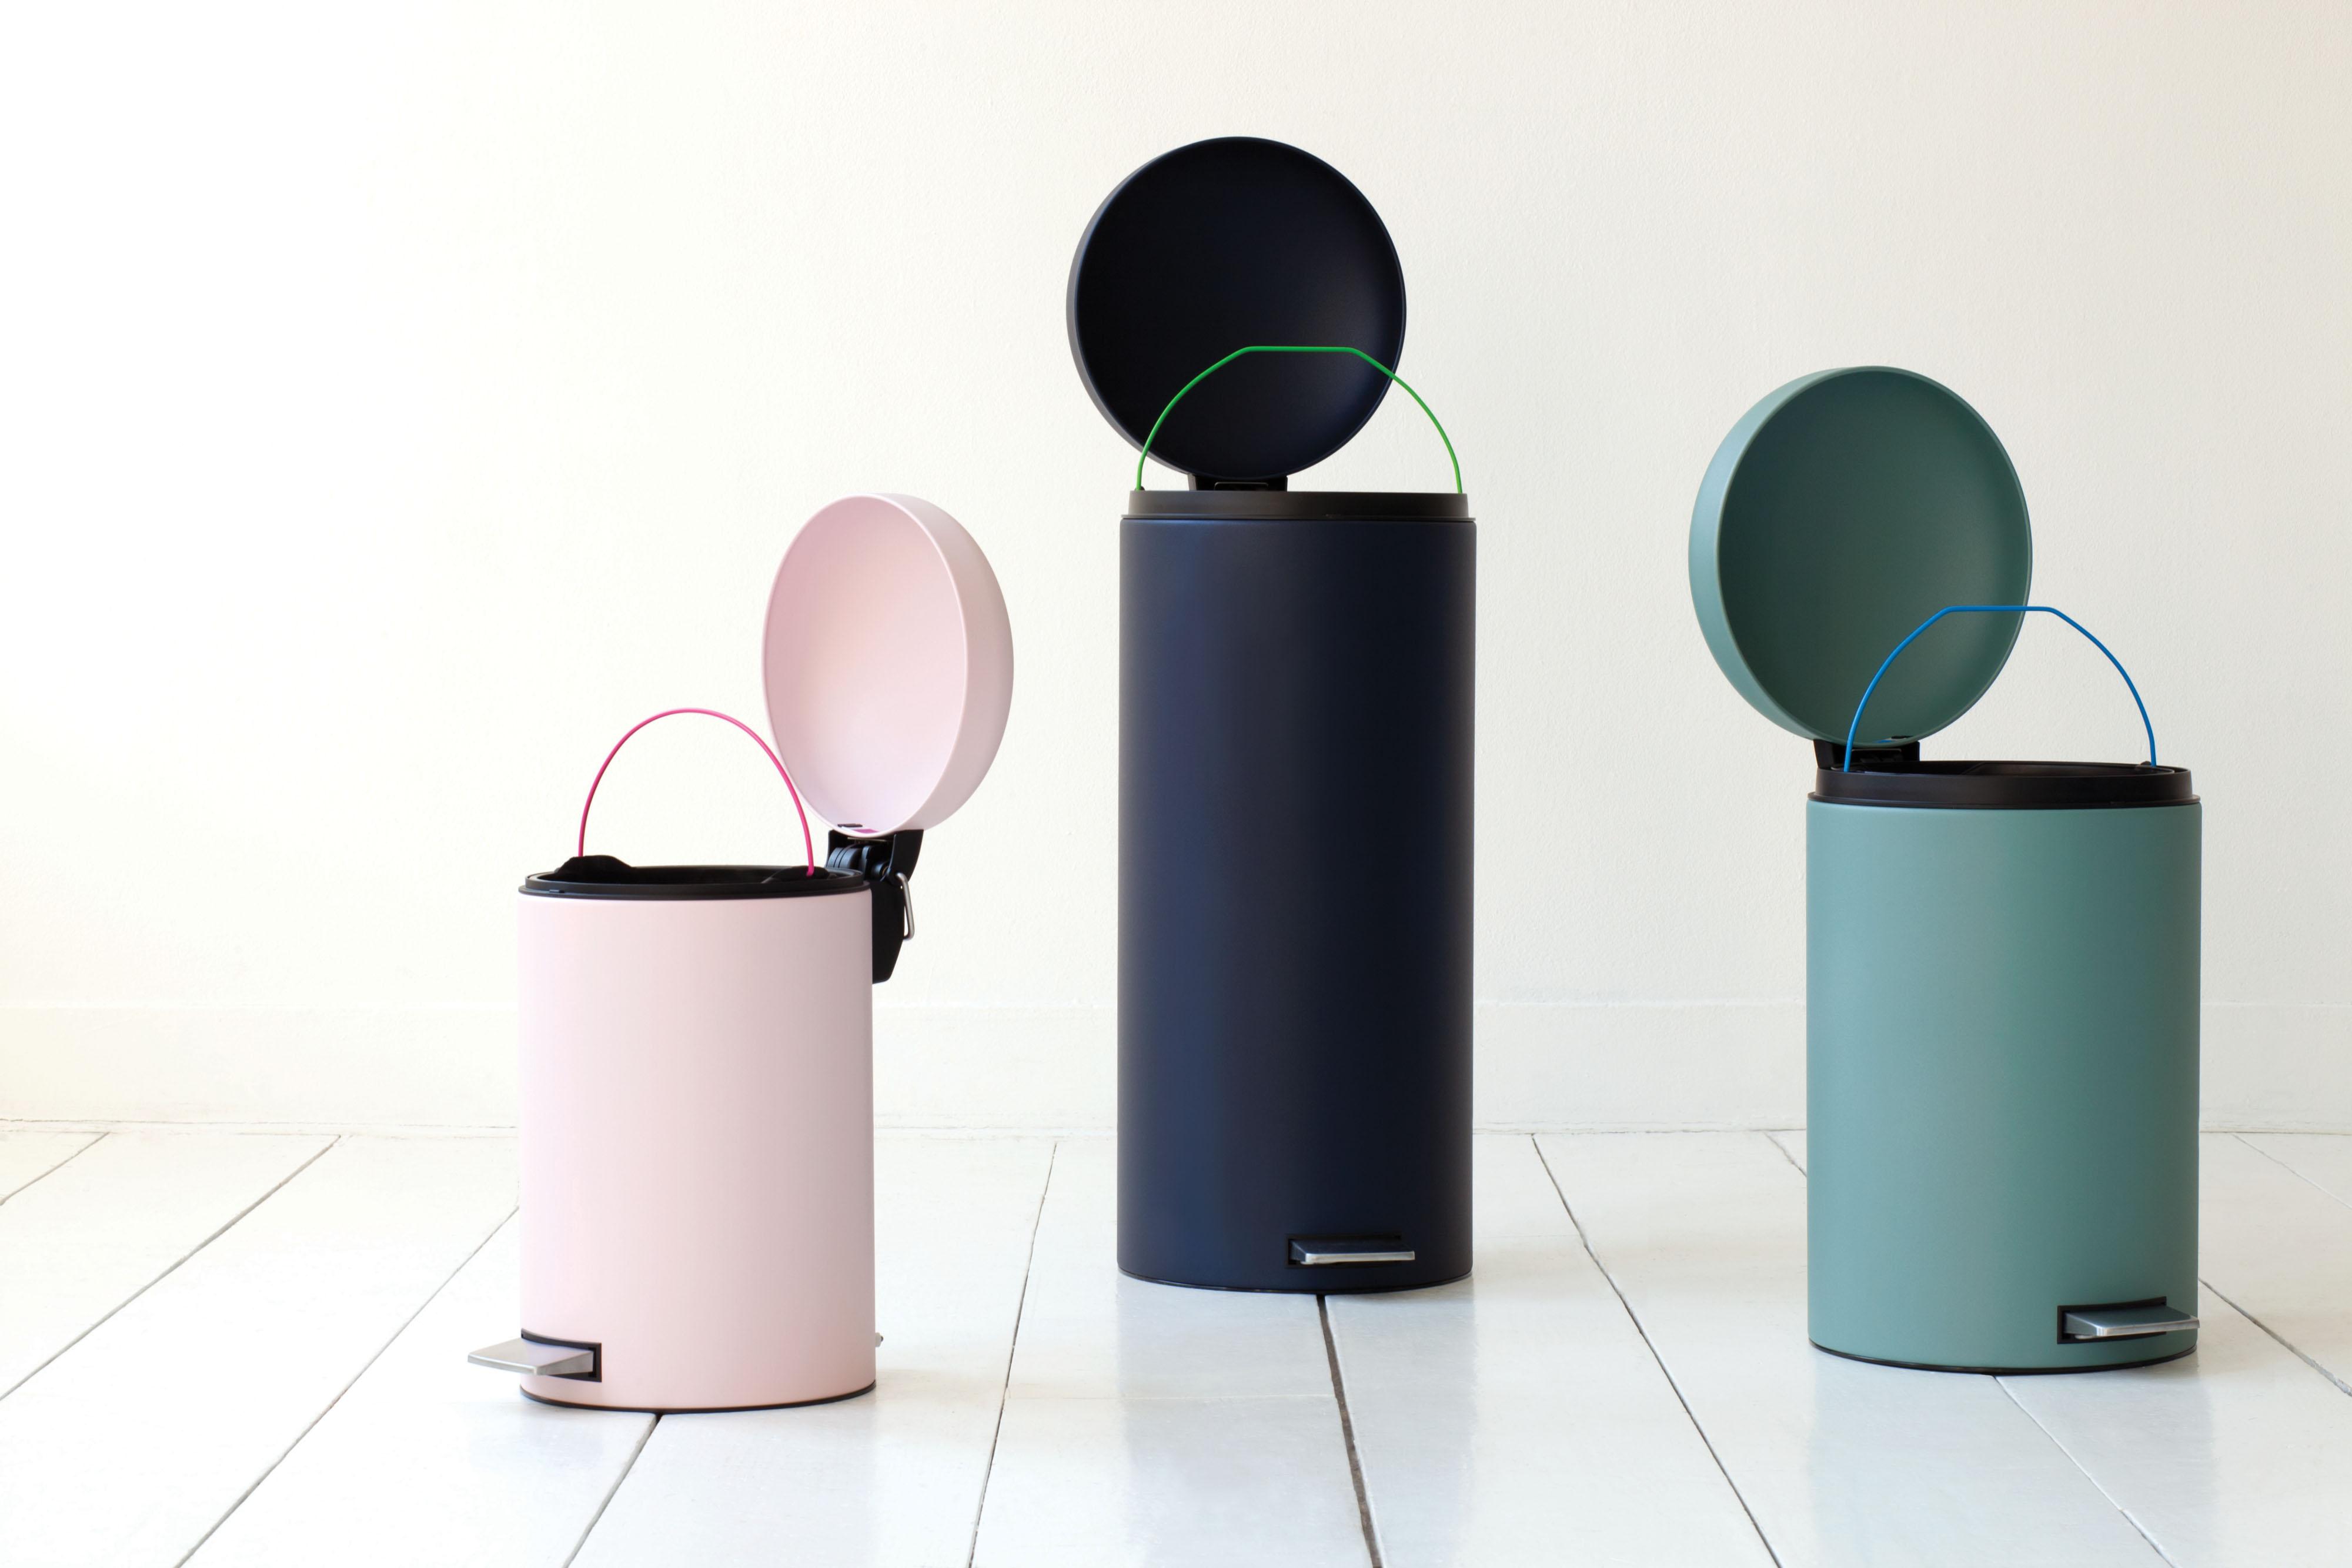 Trouver la poubelle idéale pour chez soi - Le blog de Flexyflow